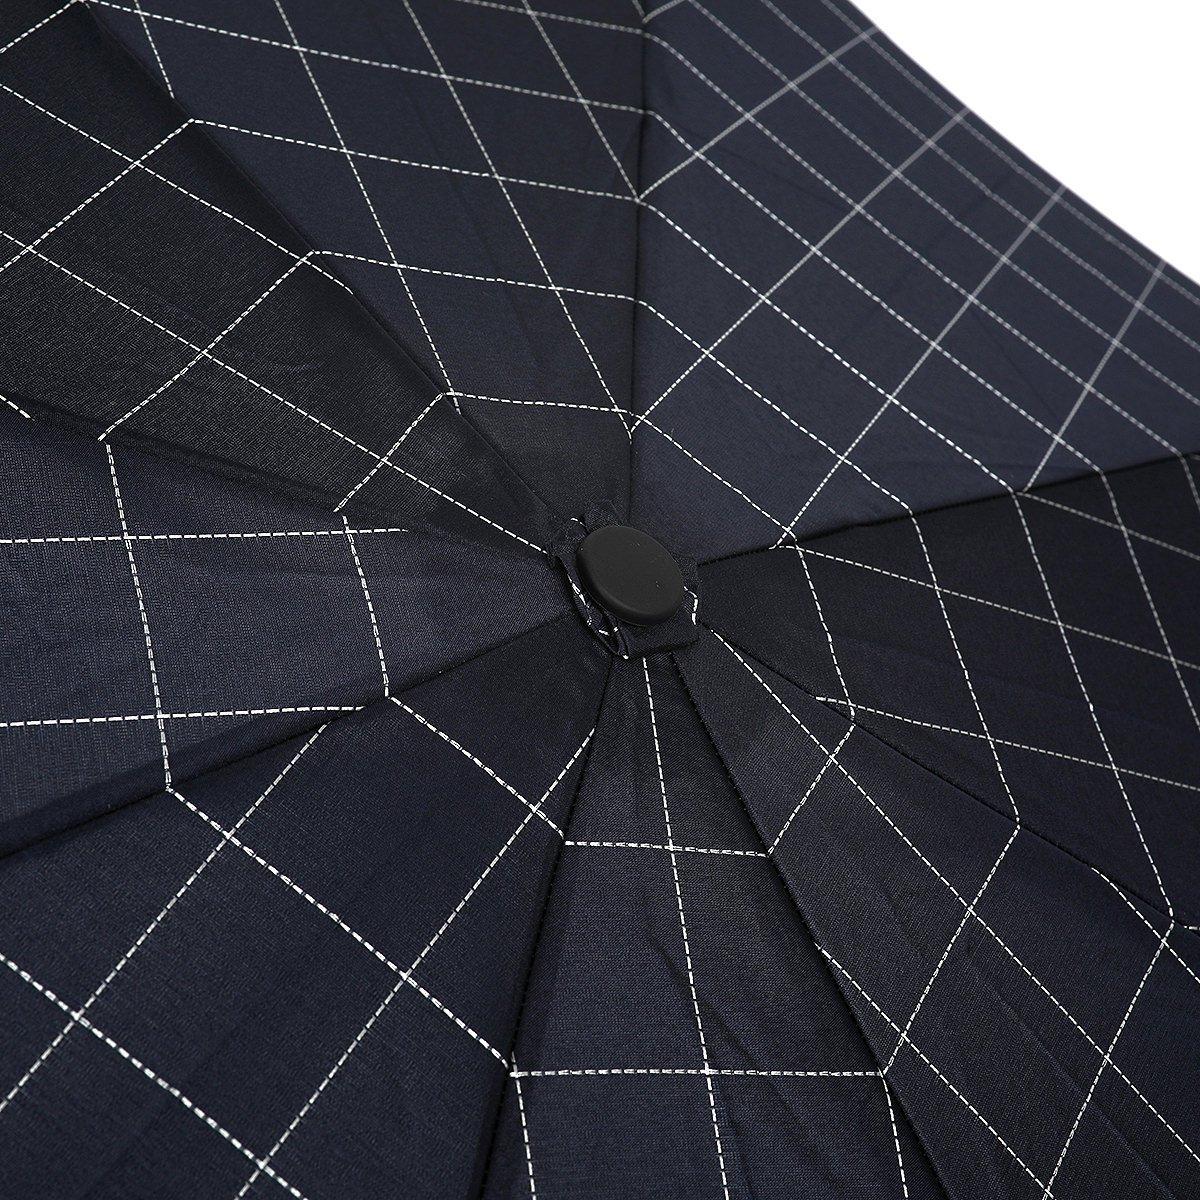 自動開閉 ウィンドステッチ 折りたたみ傘 詳細画像5